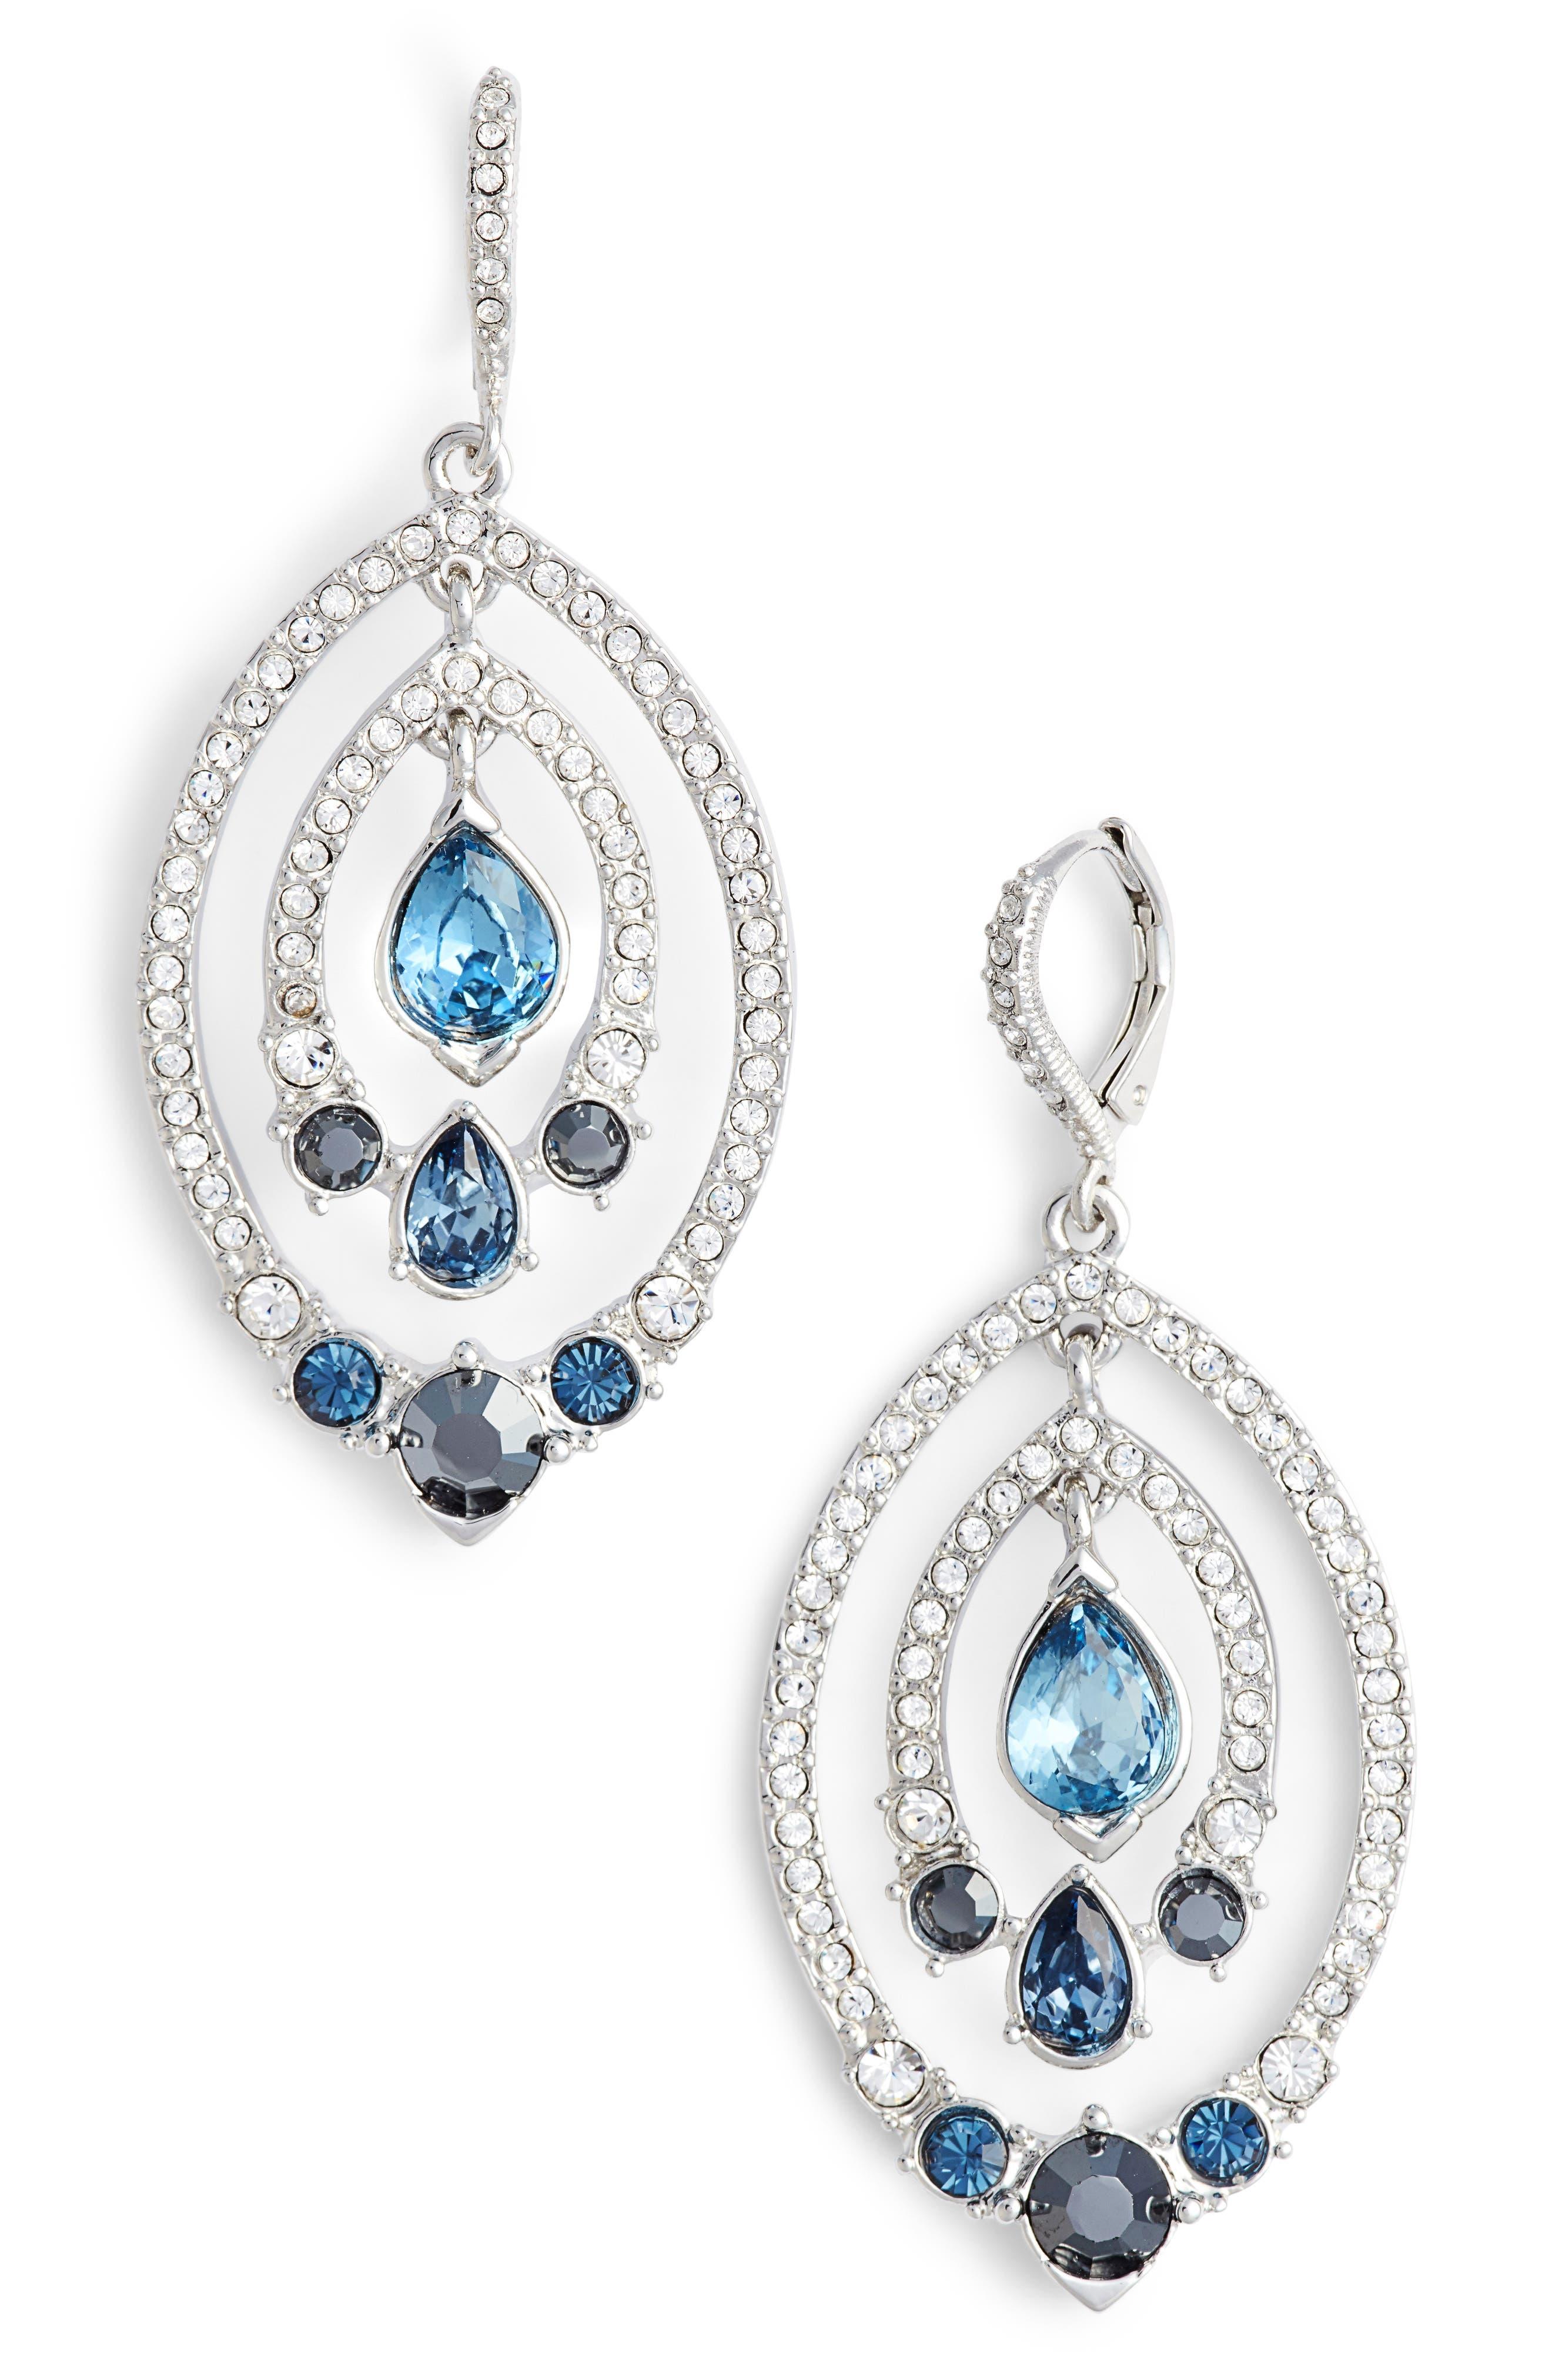 Main Image - Jenny Packham Orbiting Drop earrings